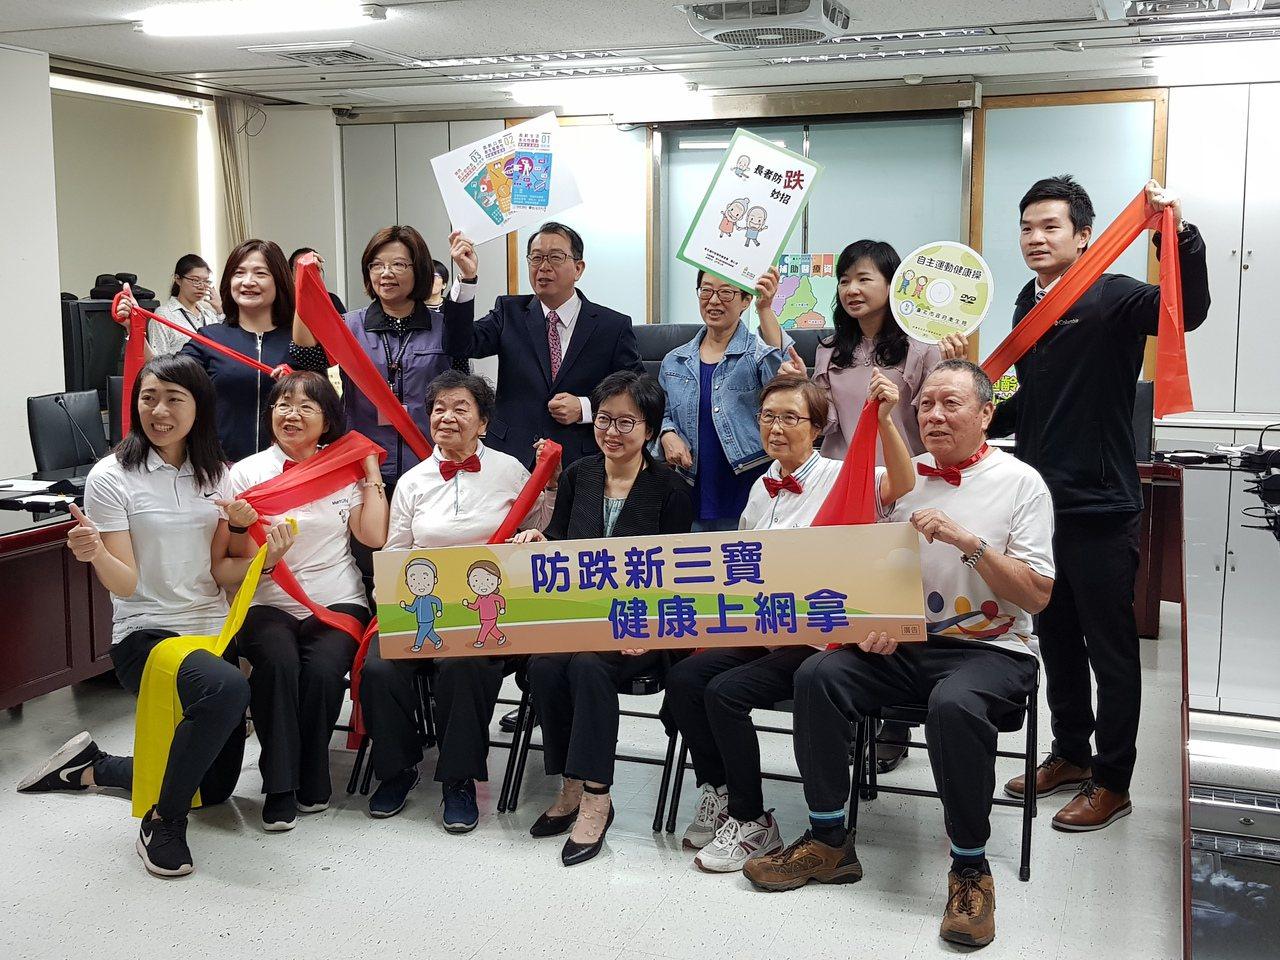 北市衛生局與國立台灣師範大學合作在12行政區辦理悠活防跌班邁入第三年,今年度7月...